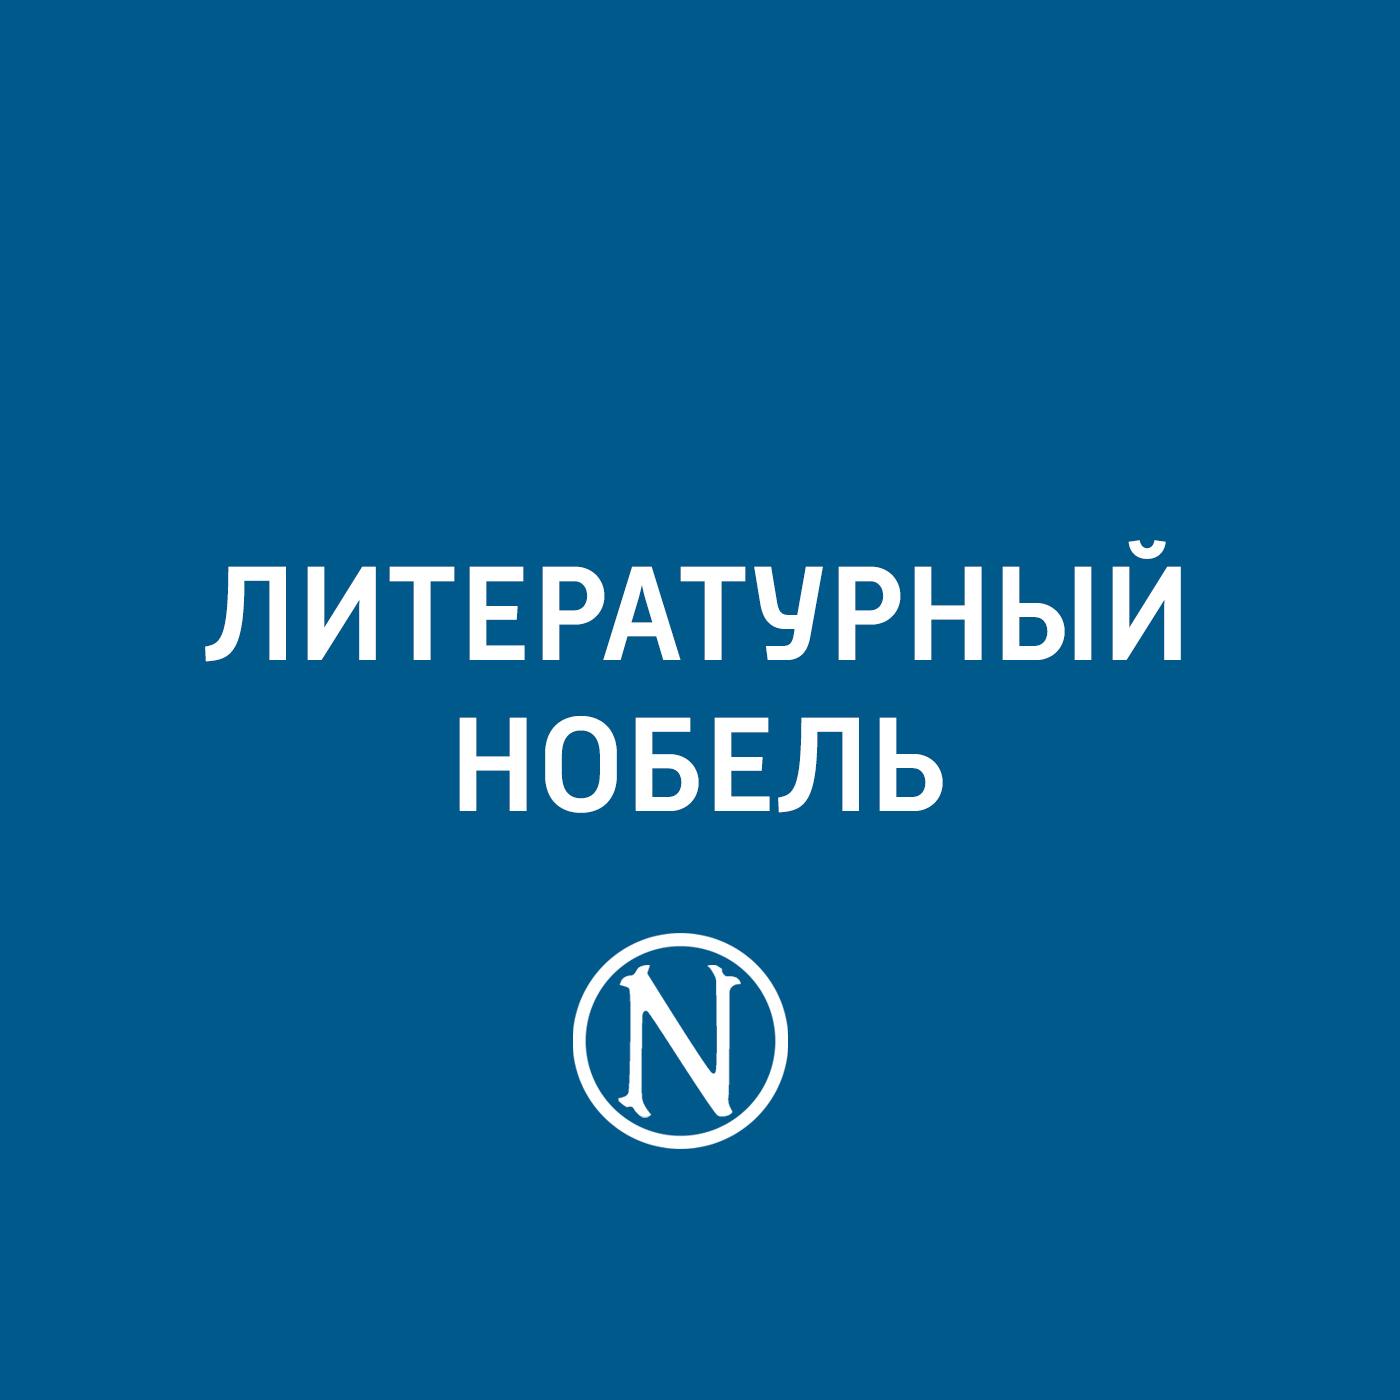 Евгений Стаховский Халлдор Лакснесс евгений стаховский лонг и шорт листы премии просветитель 2017 года